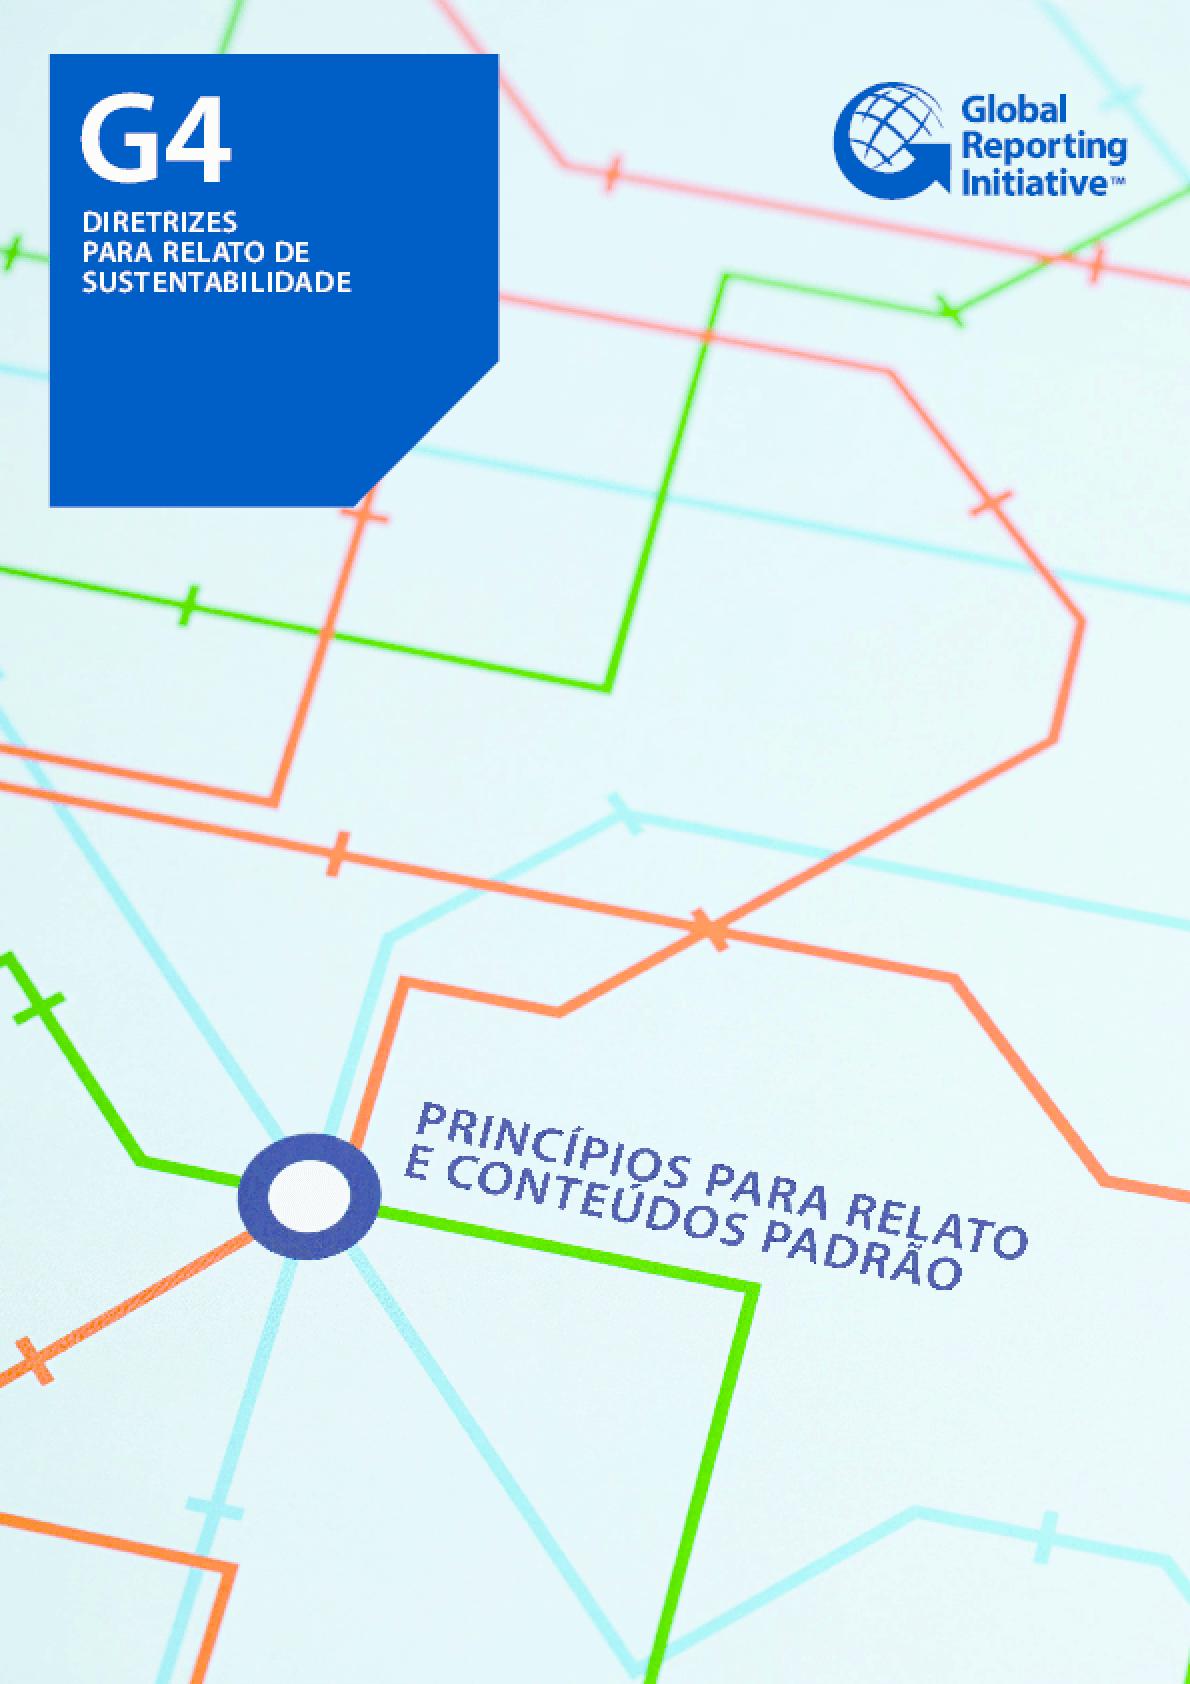 Global Reporting Initiative - G4 - Princípios para Relato e Conteúdos Padrão